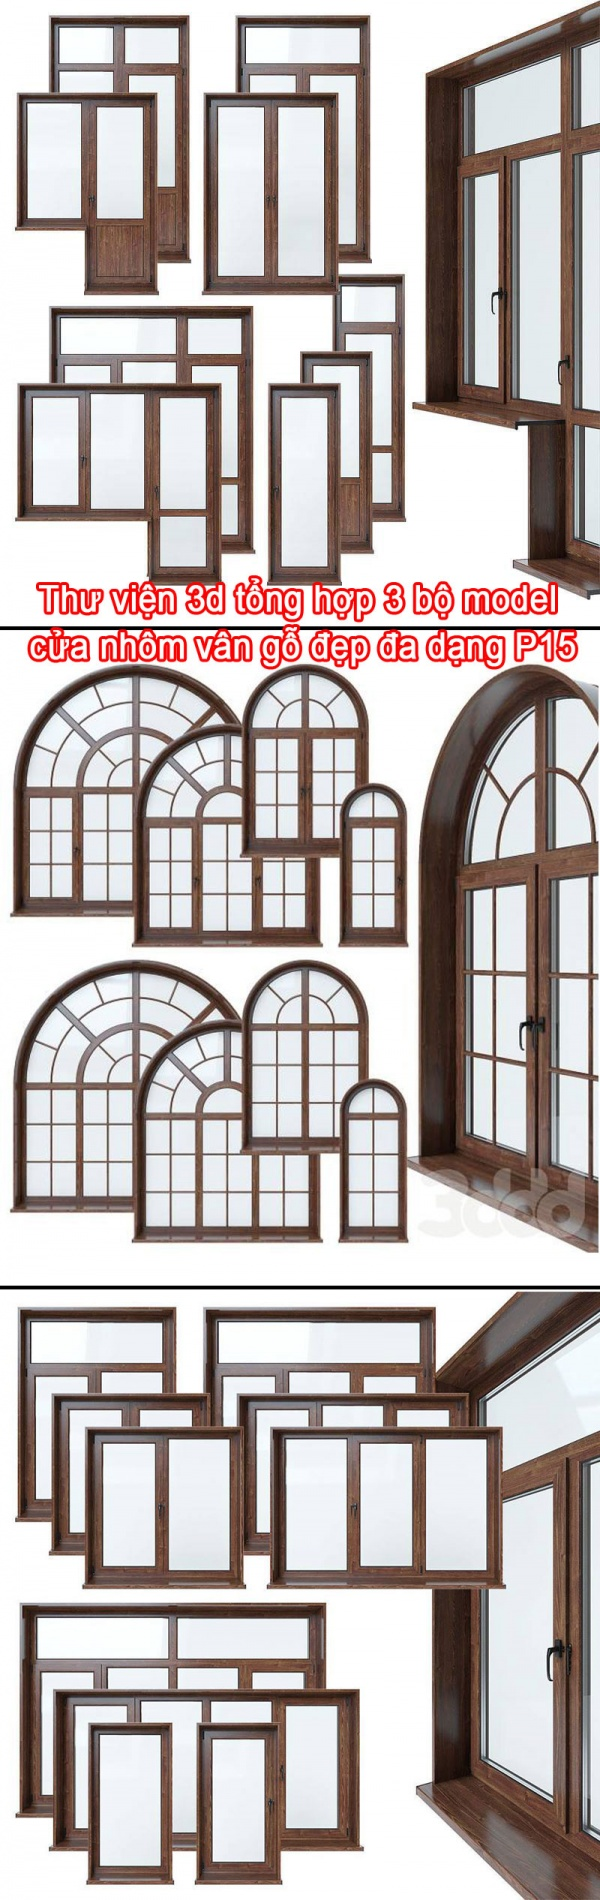 Thư viện 3d tổng hợp 3 bộ model cửa khung nhôm kính vân gỗ đẹp đa dạng P15